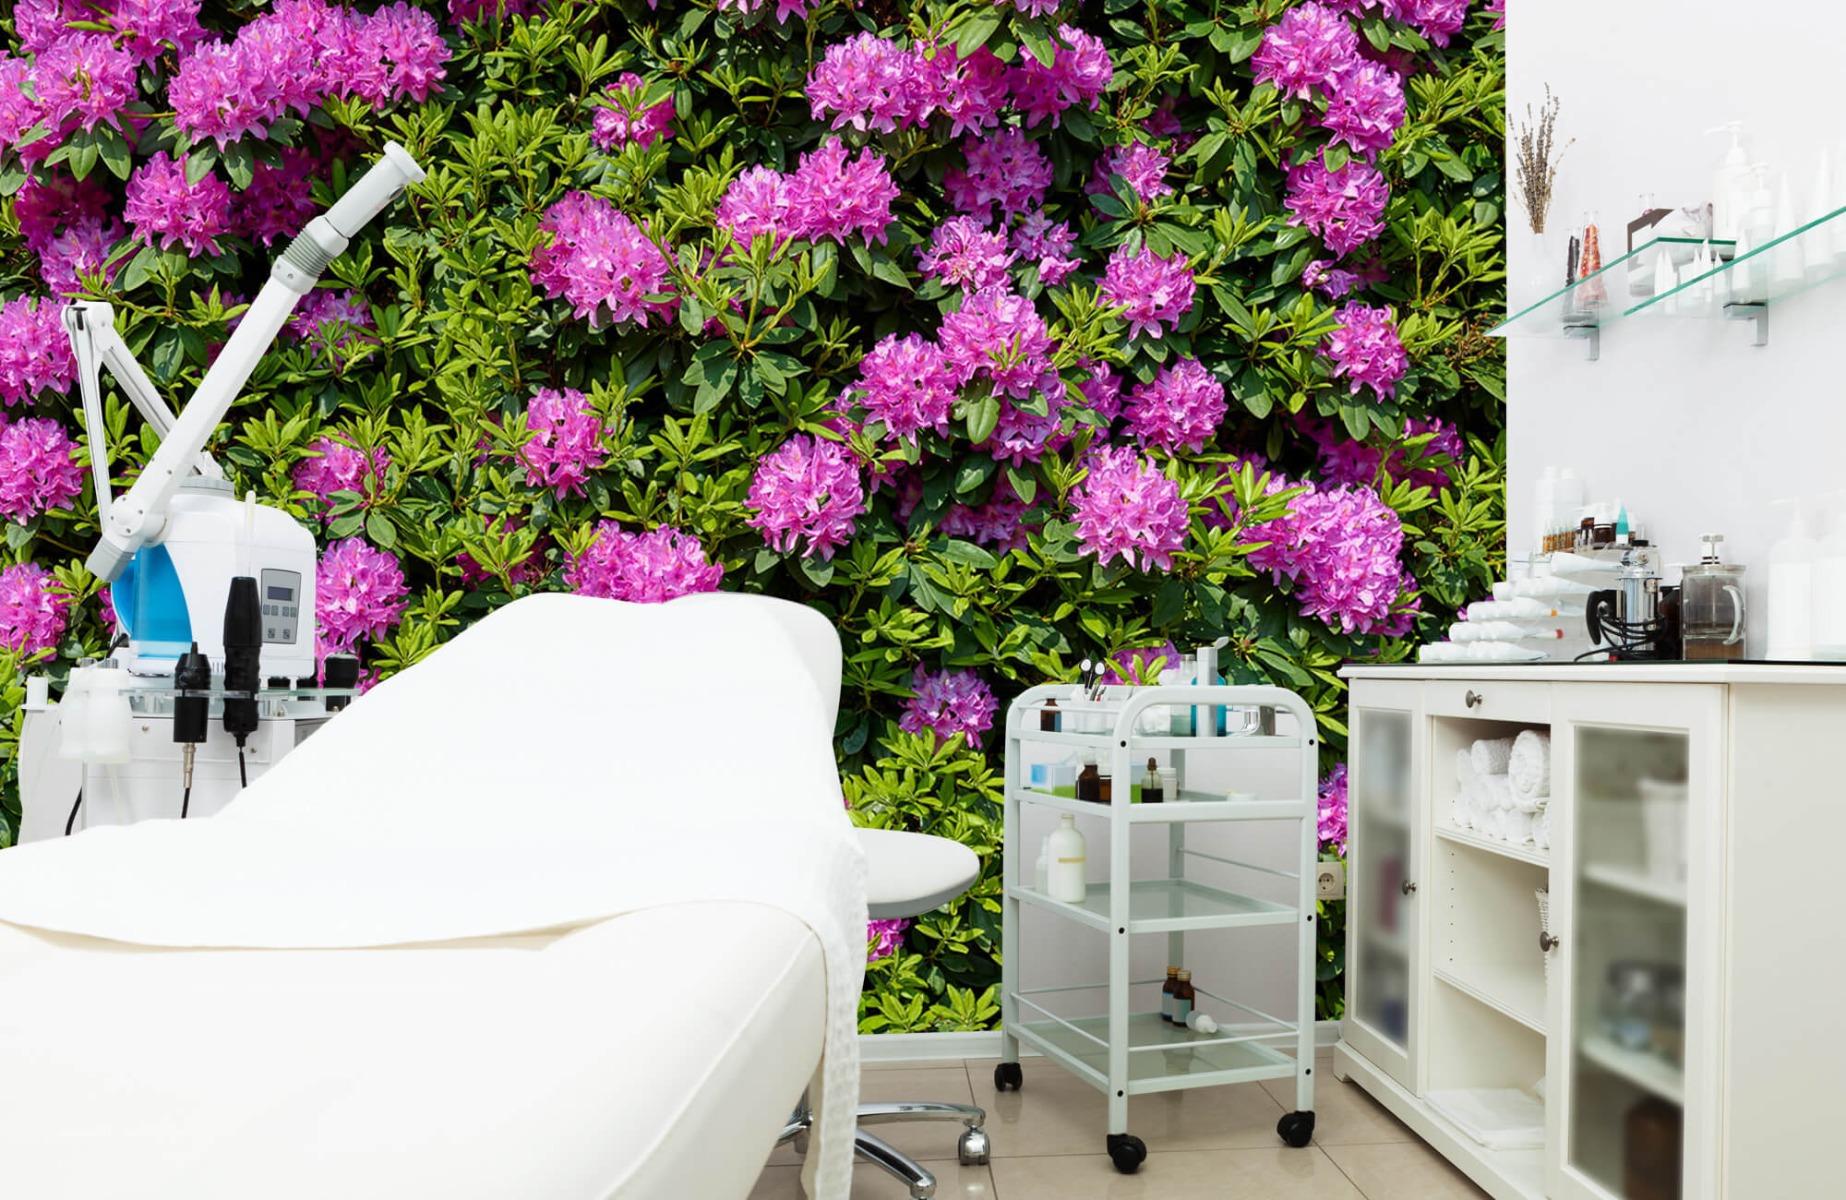 Bloemenvelden - Grote muur van rododendrons - Wallexclusive - Woonkamer 5